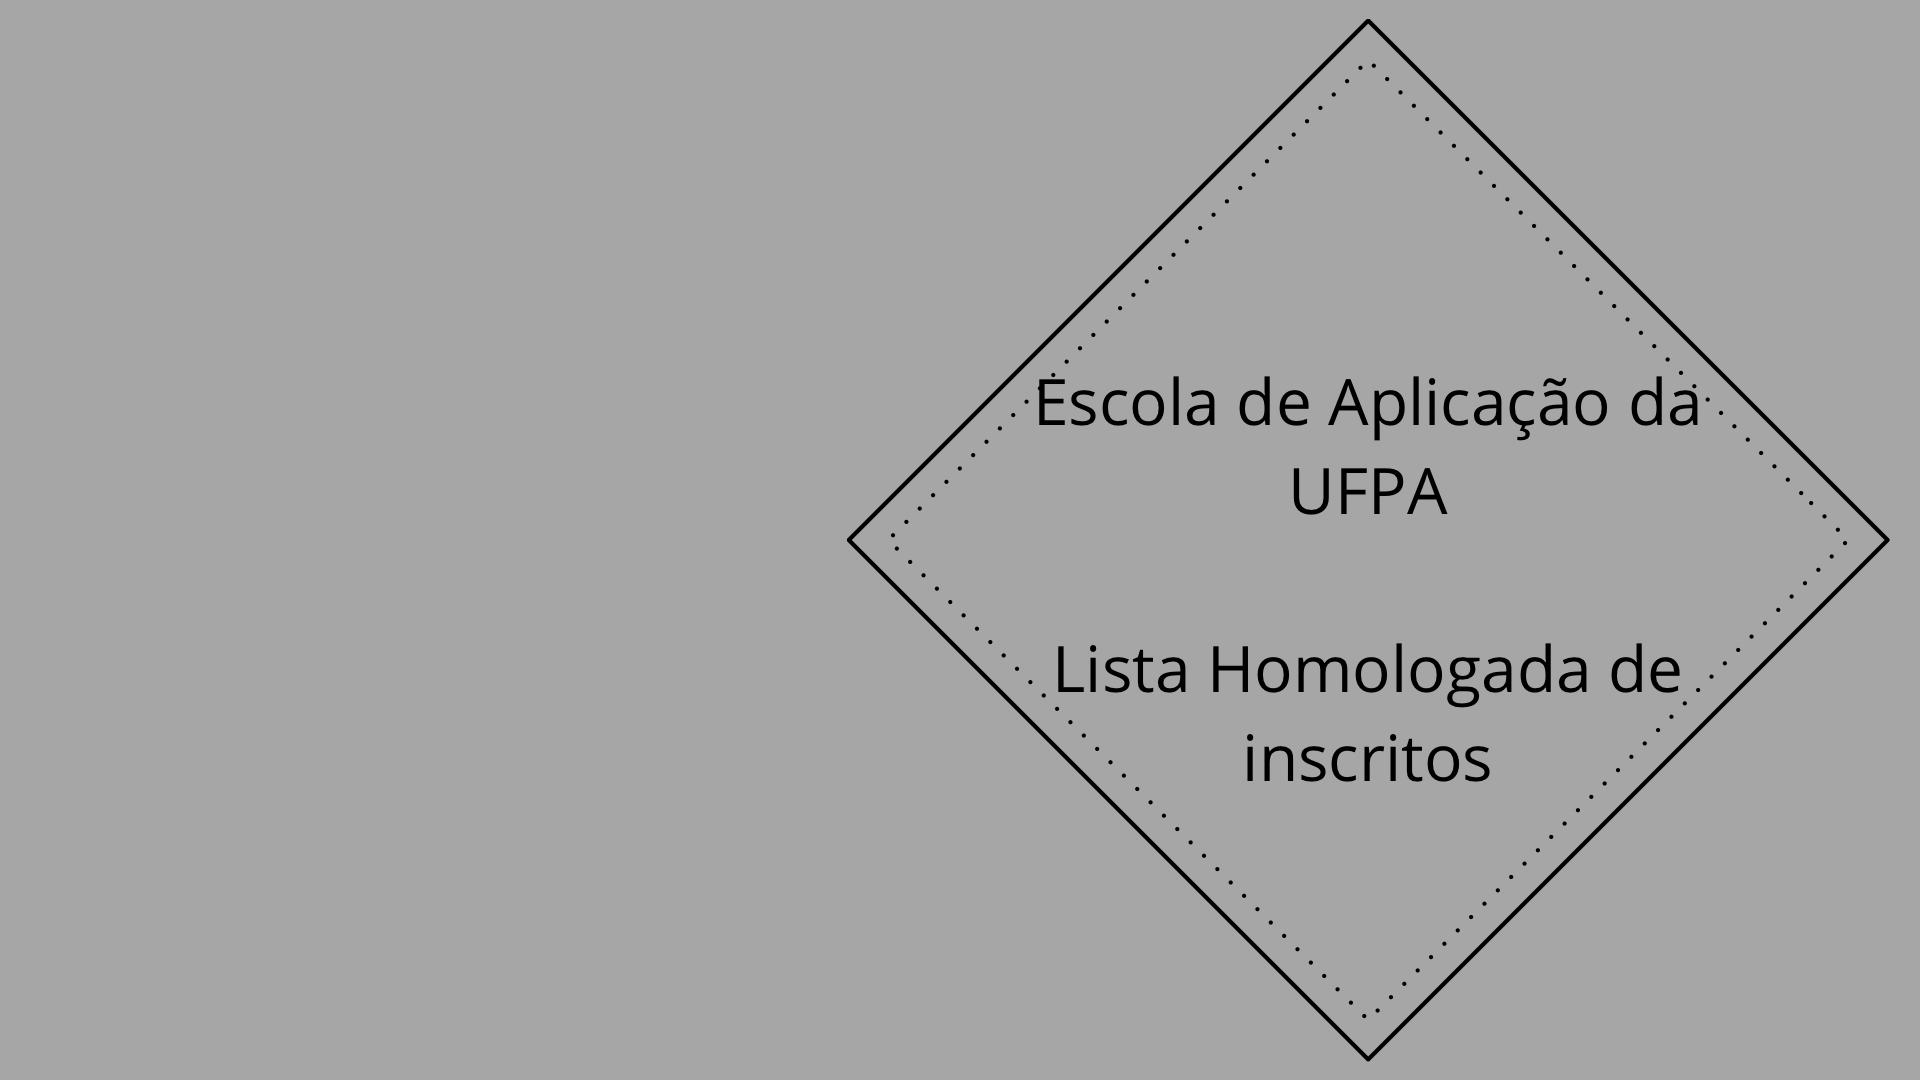 Divulgada a retificação da lista homologada para a Escola de Aplicação da UFPA